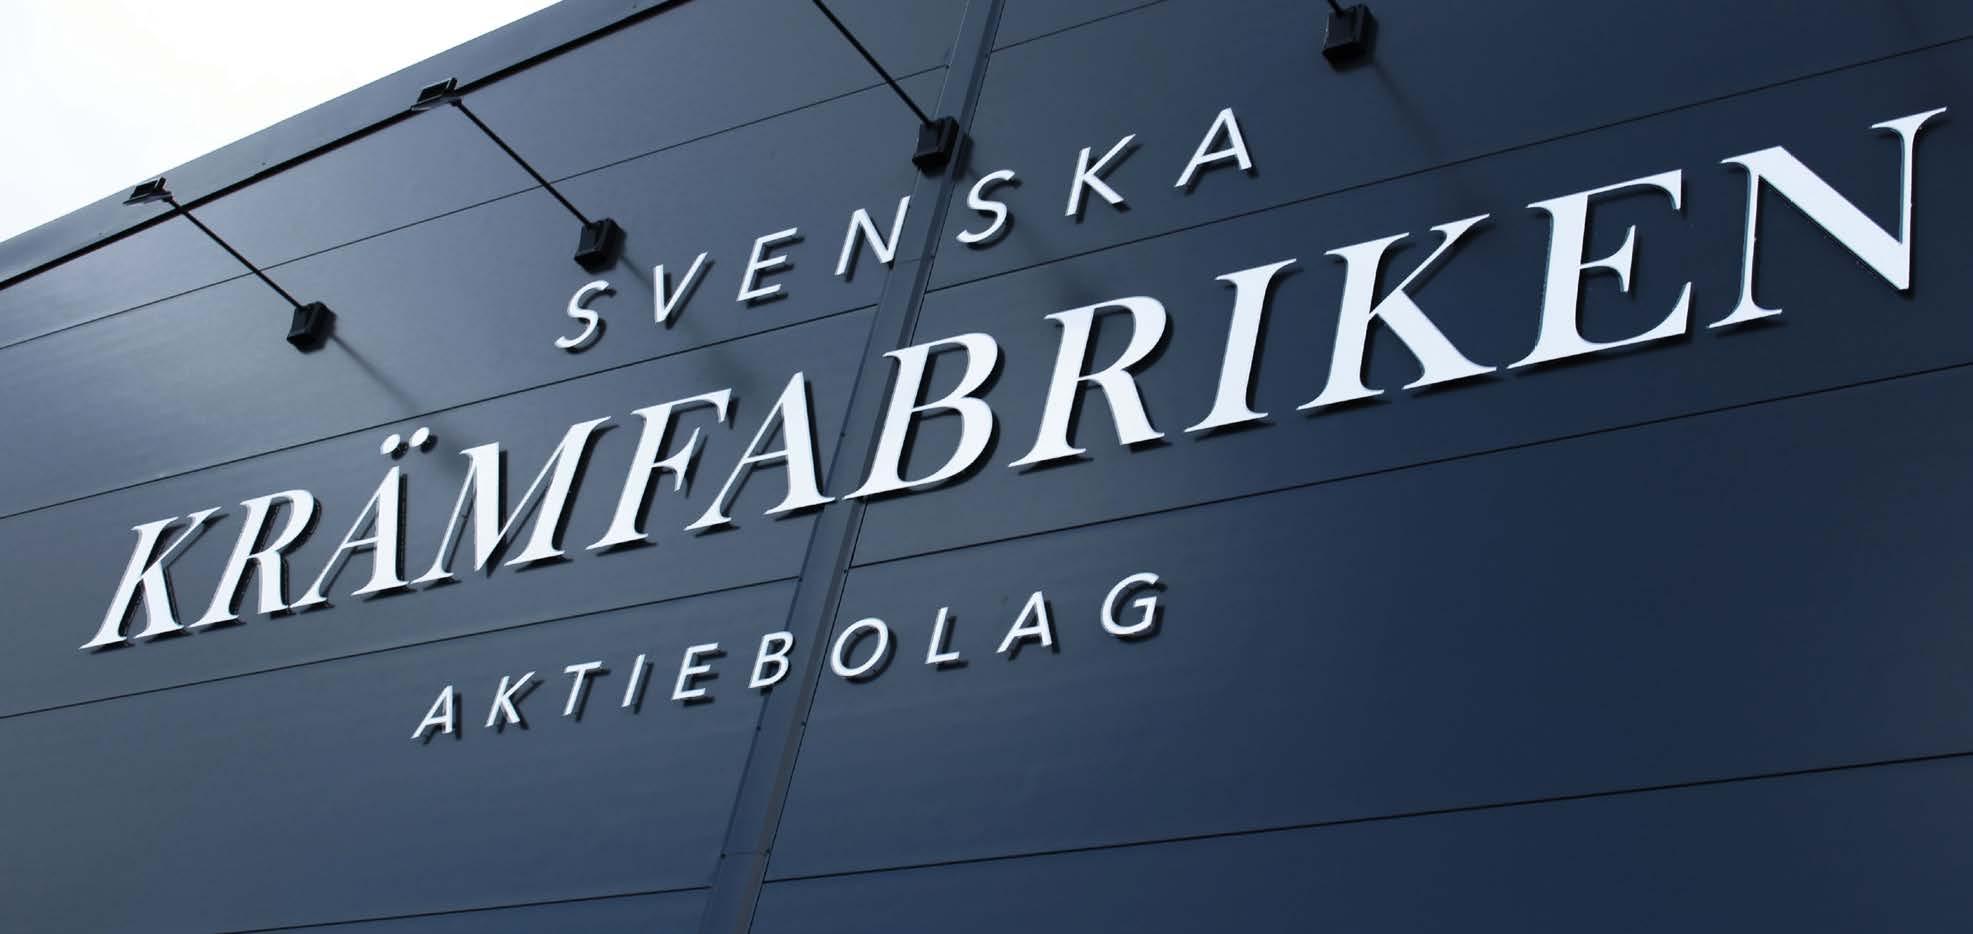 Svenska krämfabriken